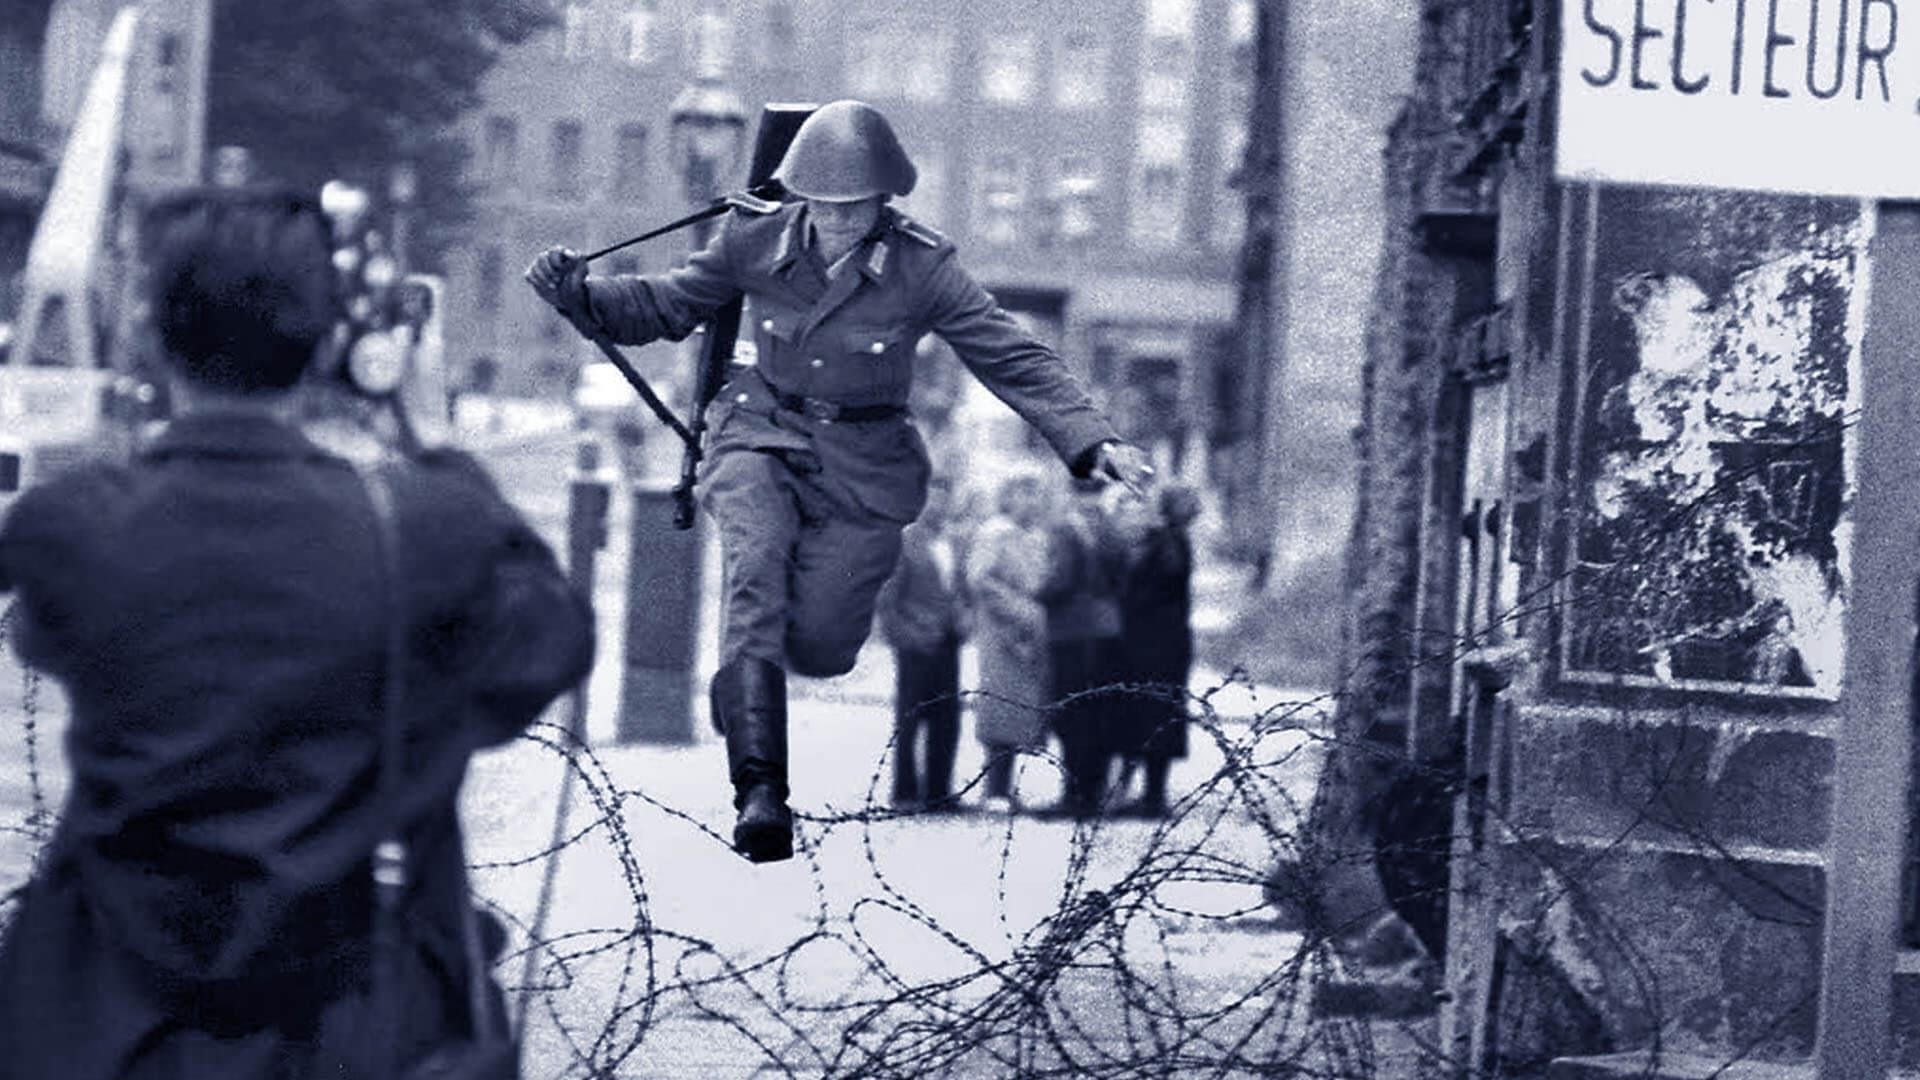 Il Charlie Checkpoint era uno dei collegamenti tra Berlino Est e Berlino Ovest